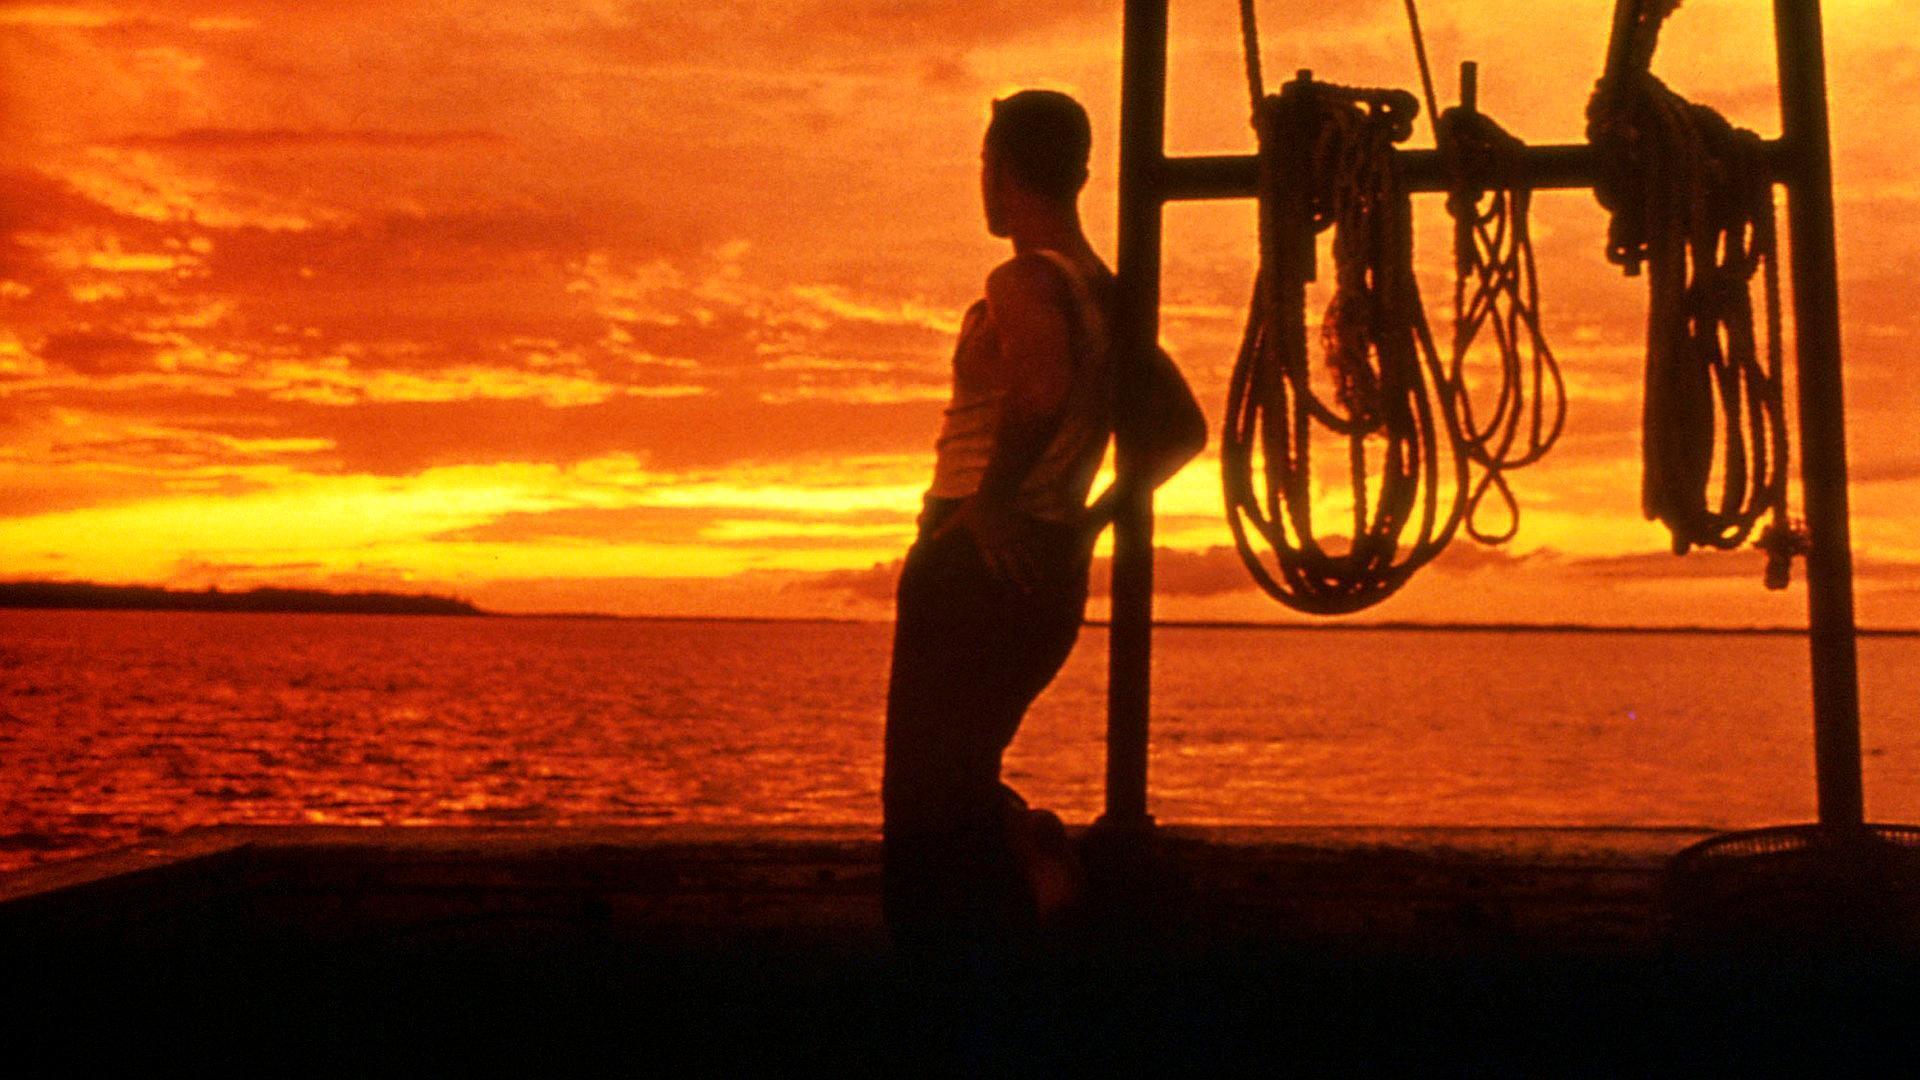 《阿甘正传》带给我们的不仅有自强不息,永不言弃,还有无限思念